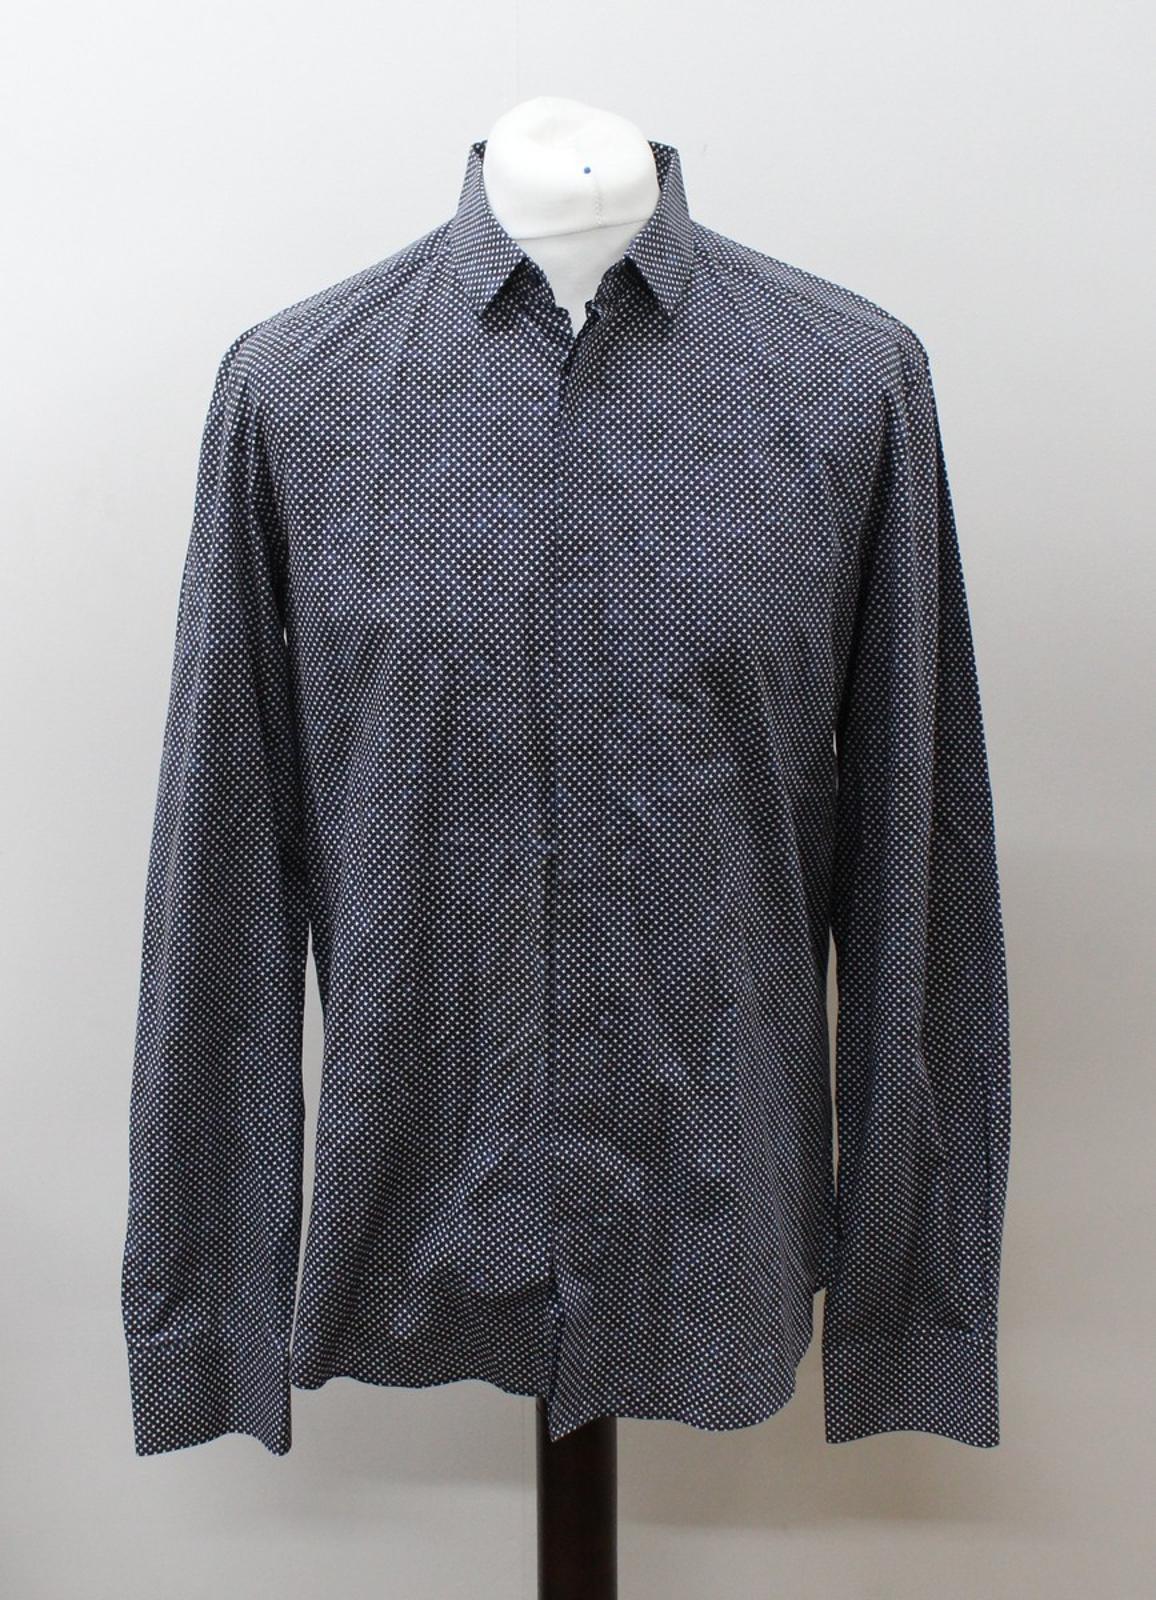 Neil-Barrett-Hombre-Azul-Negro-Algodon-Estampado-de-Estrellas-Formal-Camisa-Cuello-16-5-034-42cm miniatura 2